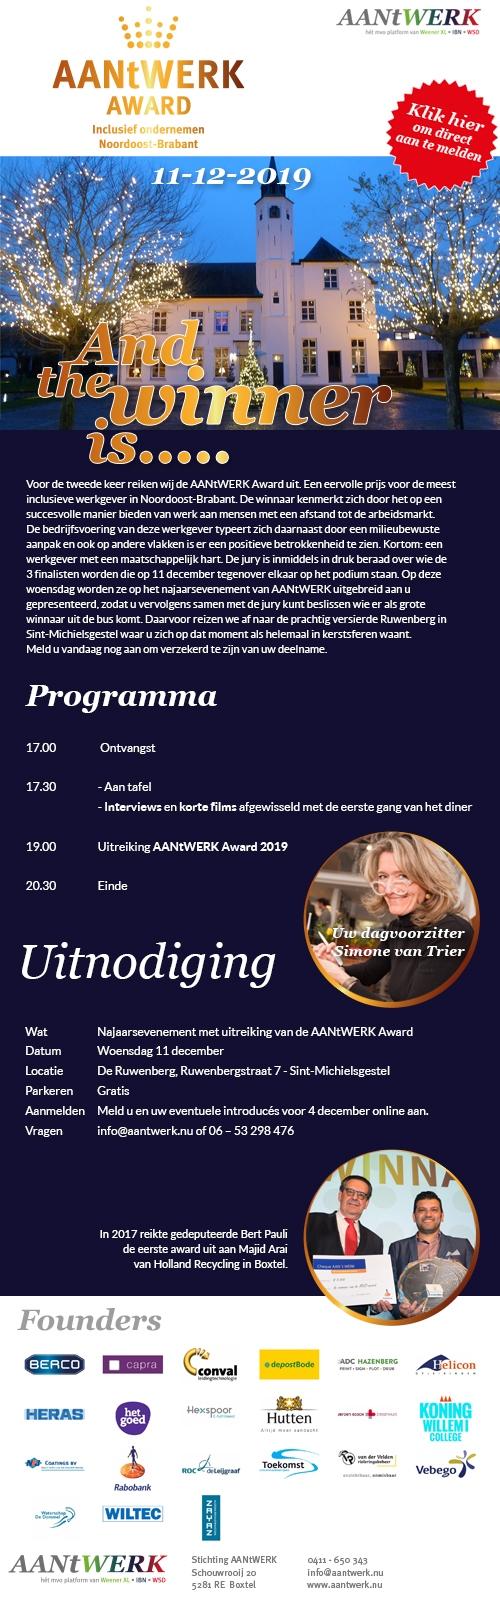 Uitnodiging-AANtWERK-Award-def.jpg#asset:2810